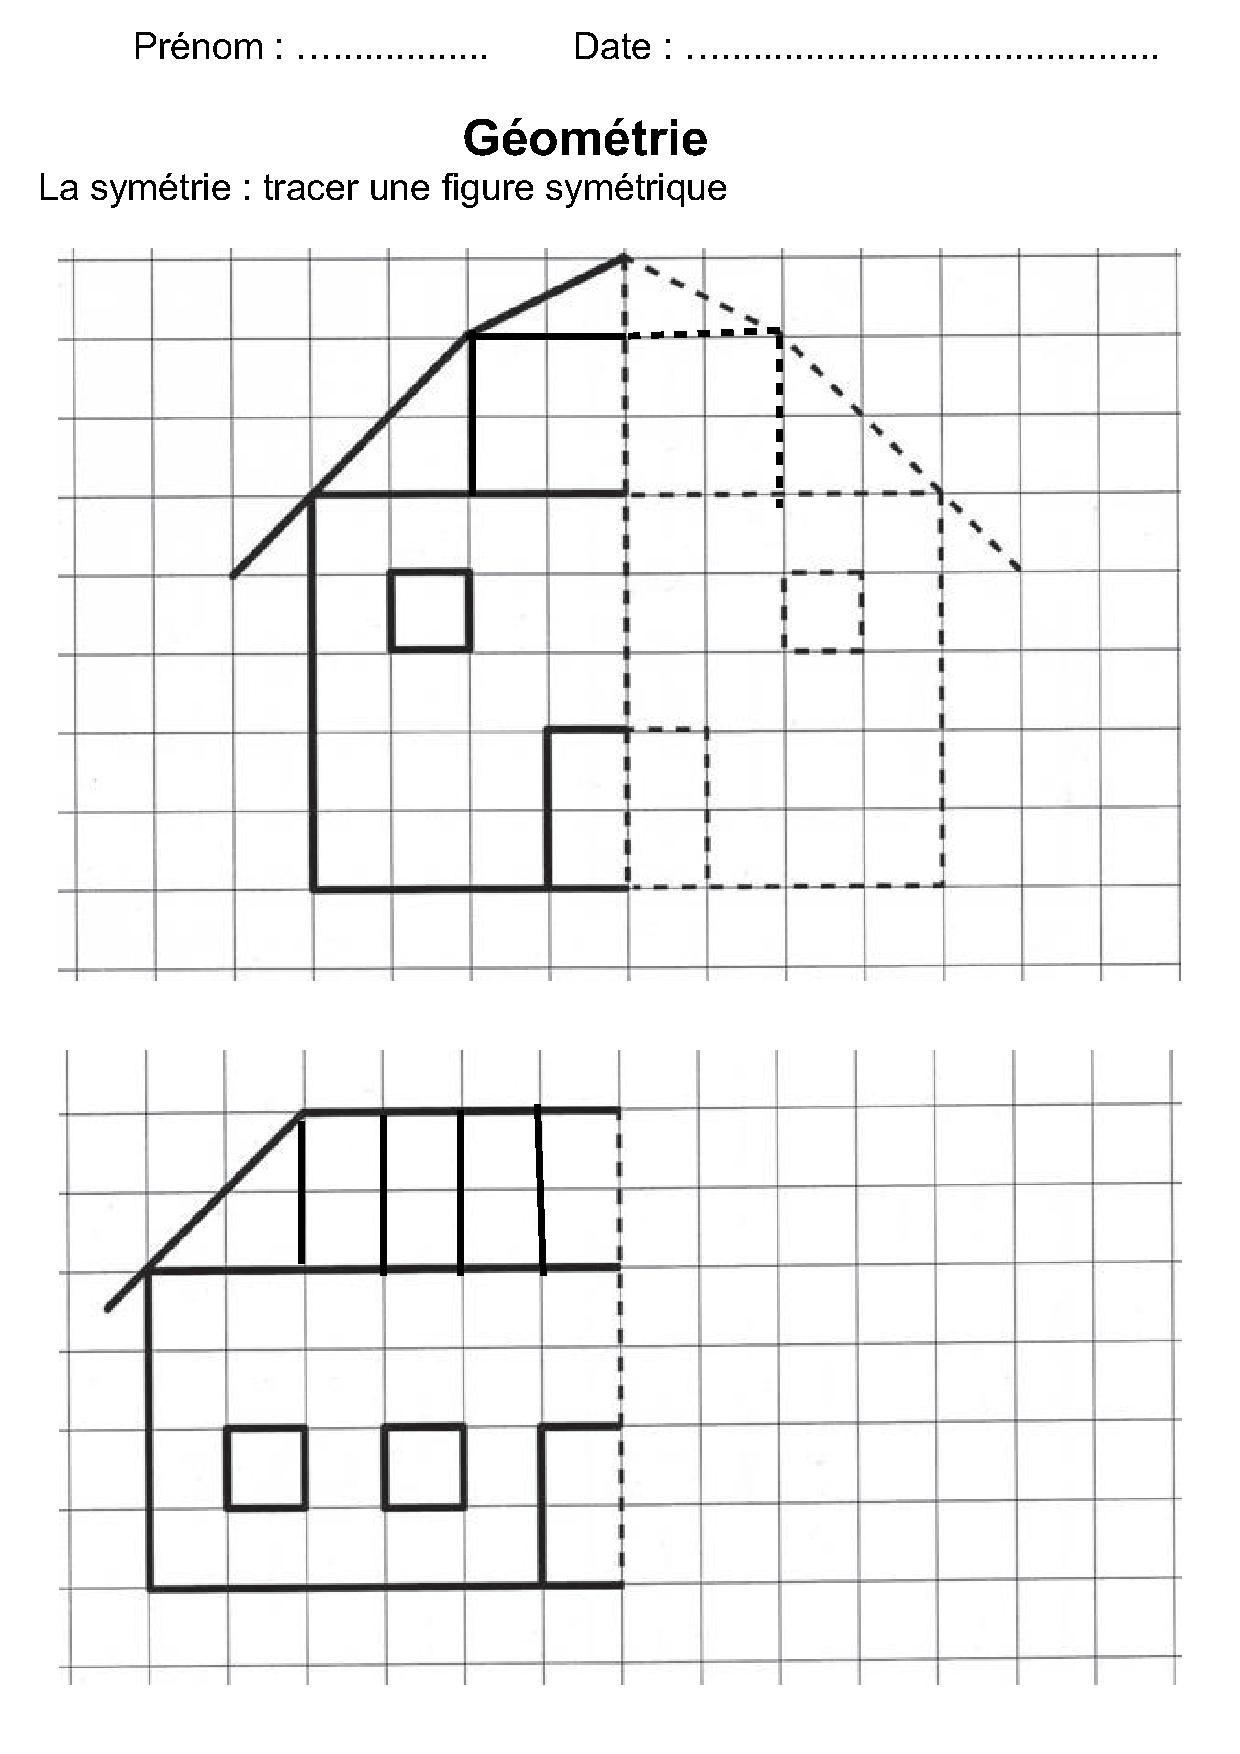 Géométrie Ce1,ce2,la Symétrie,reproduire Une Figure concernant Symétrie Cm1 Exercices